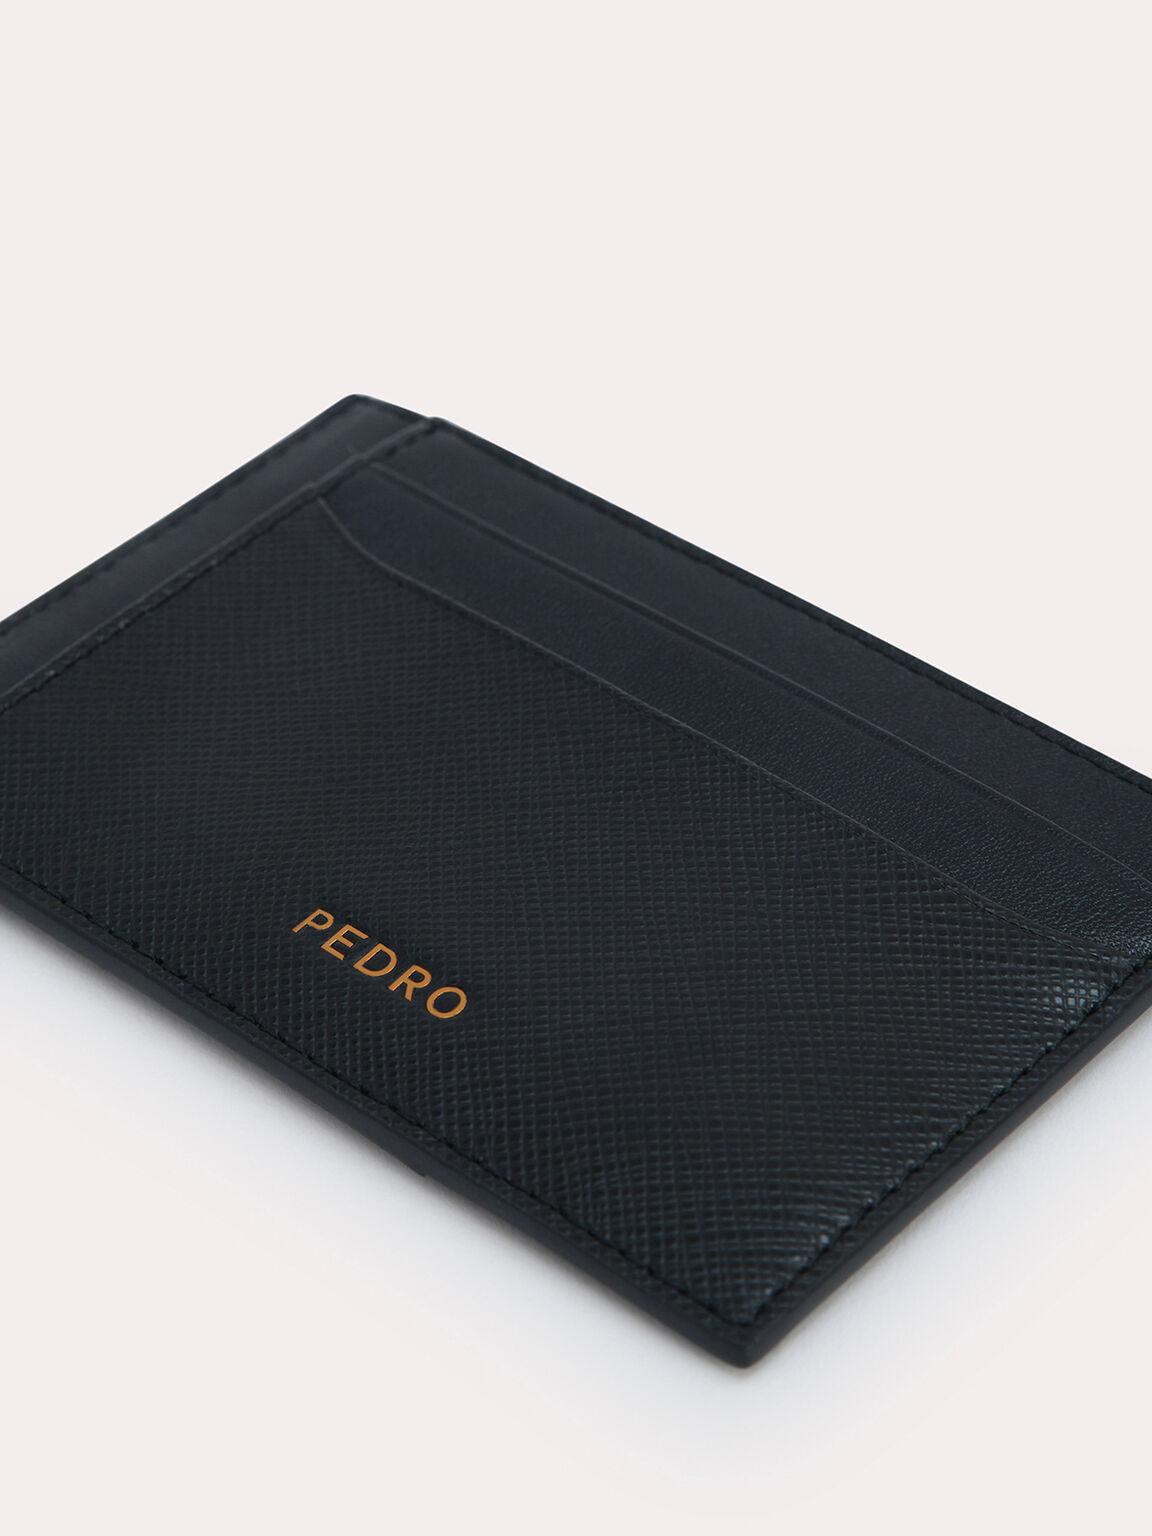 織紋皮革卡包, 黑色, hi-res